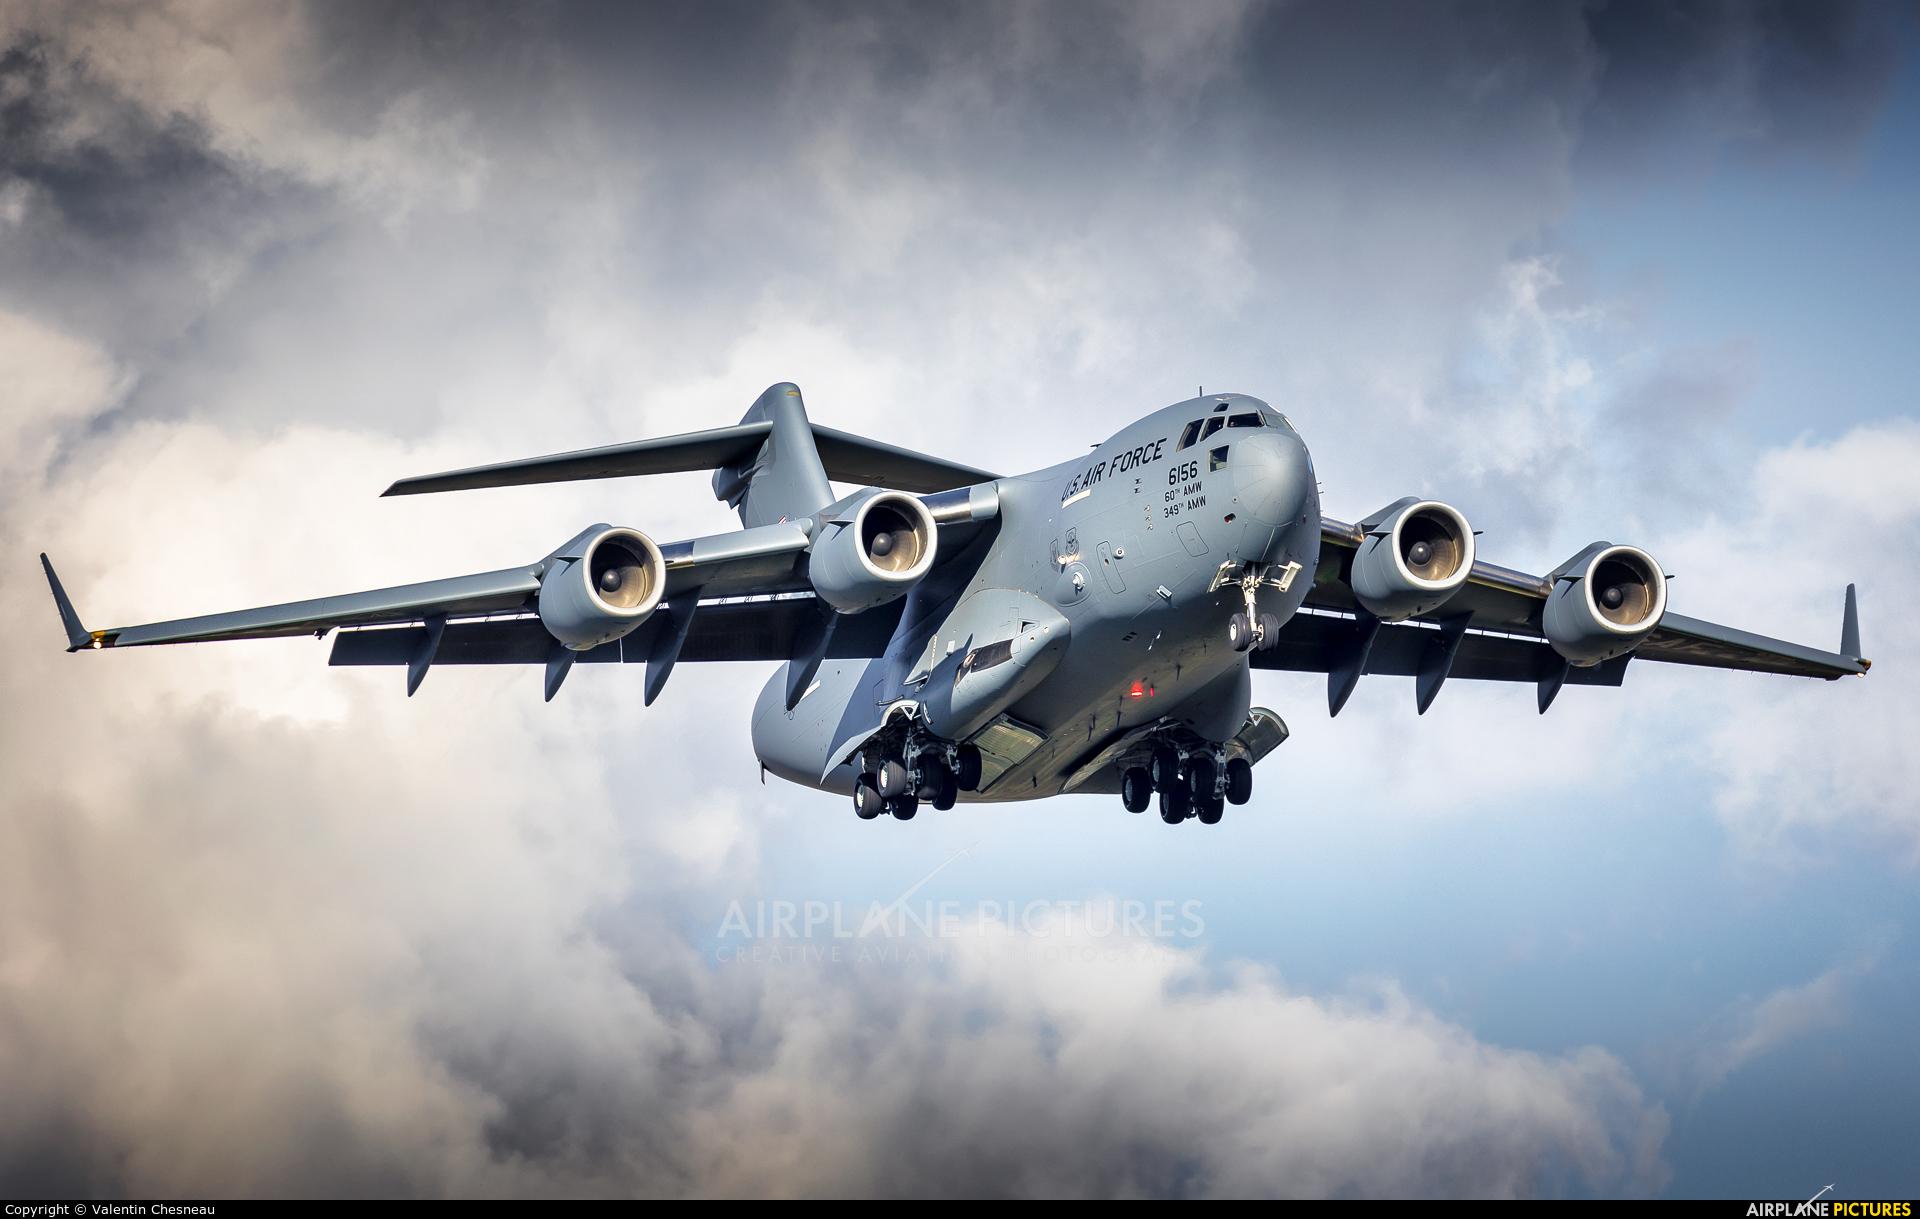 USA - Air Force 06-6156 aircraft at Paris - Orly